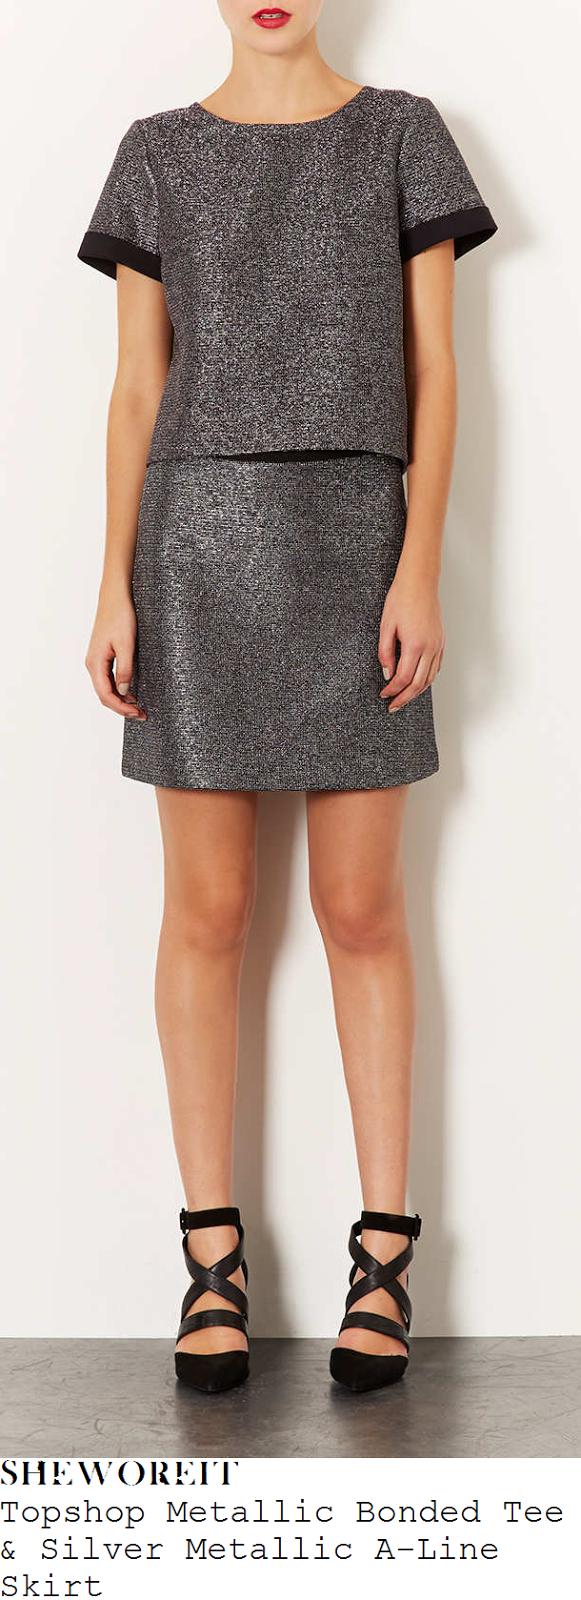 abi-alton-silver-metallic-top-and-skirt-x-factor